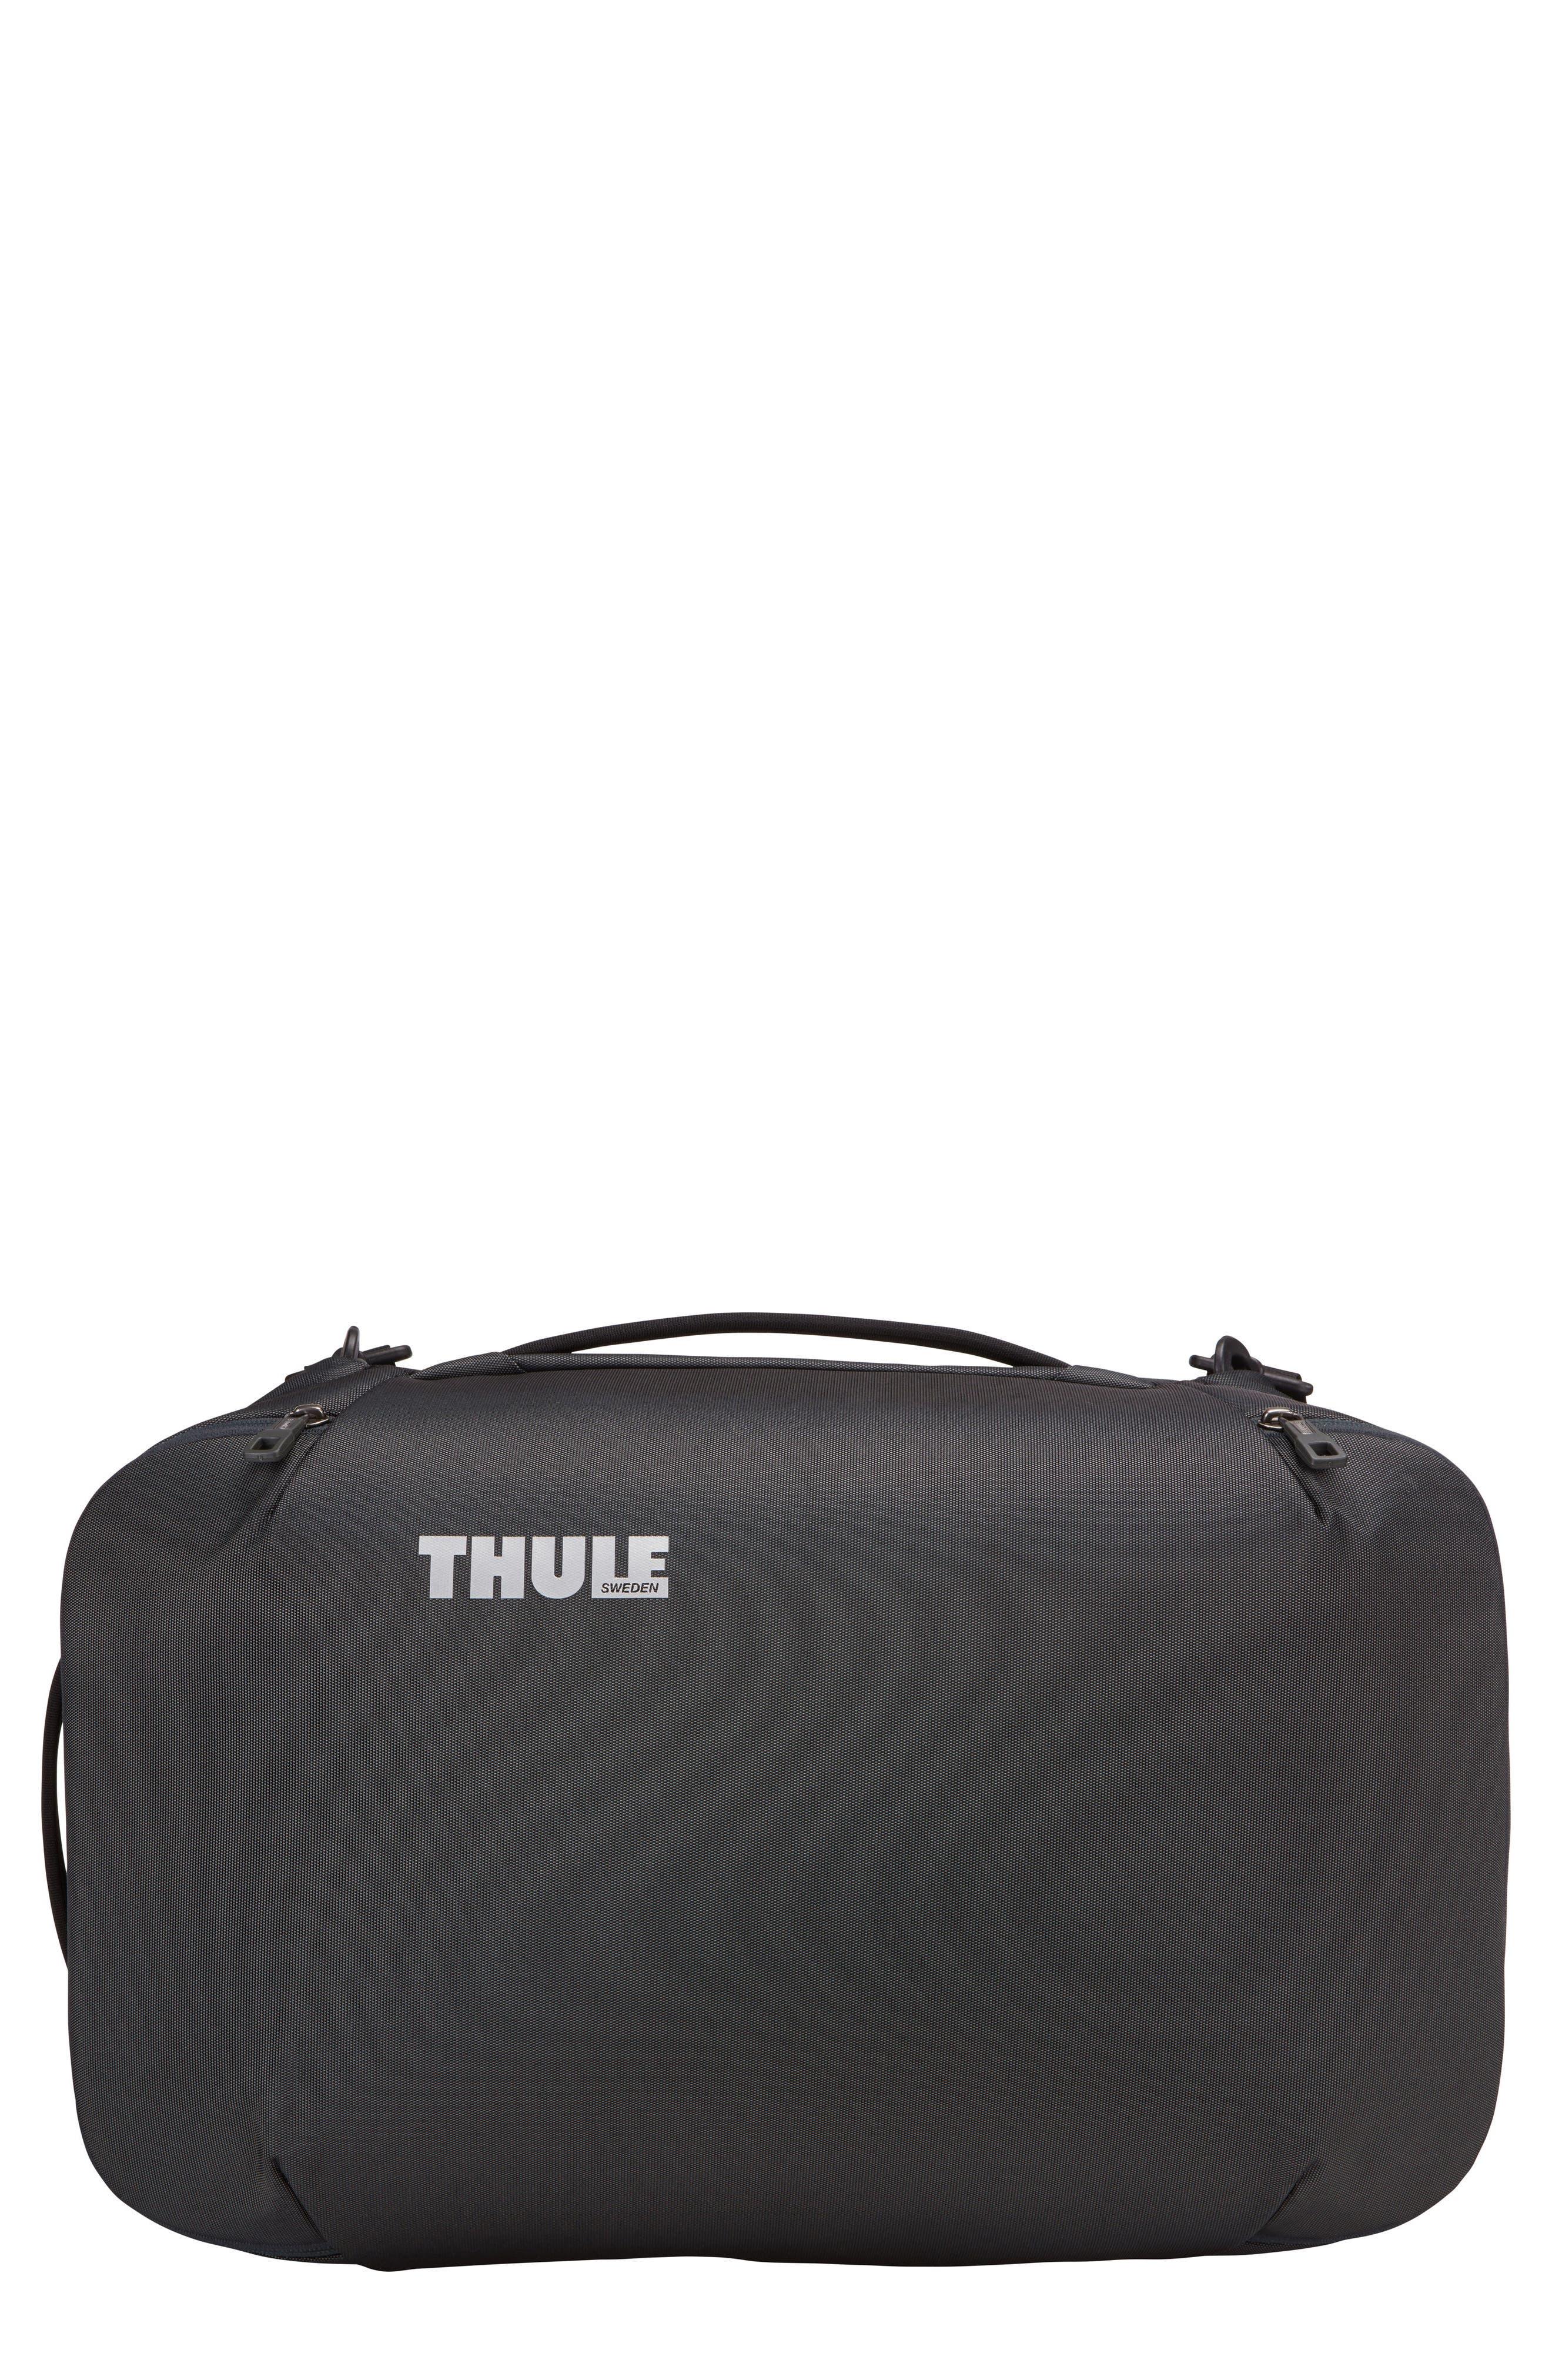 Thule Subterra 40 Liter Convertible Duffel Bag